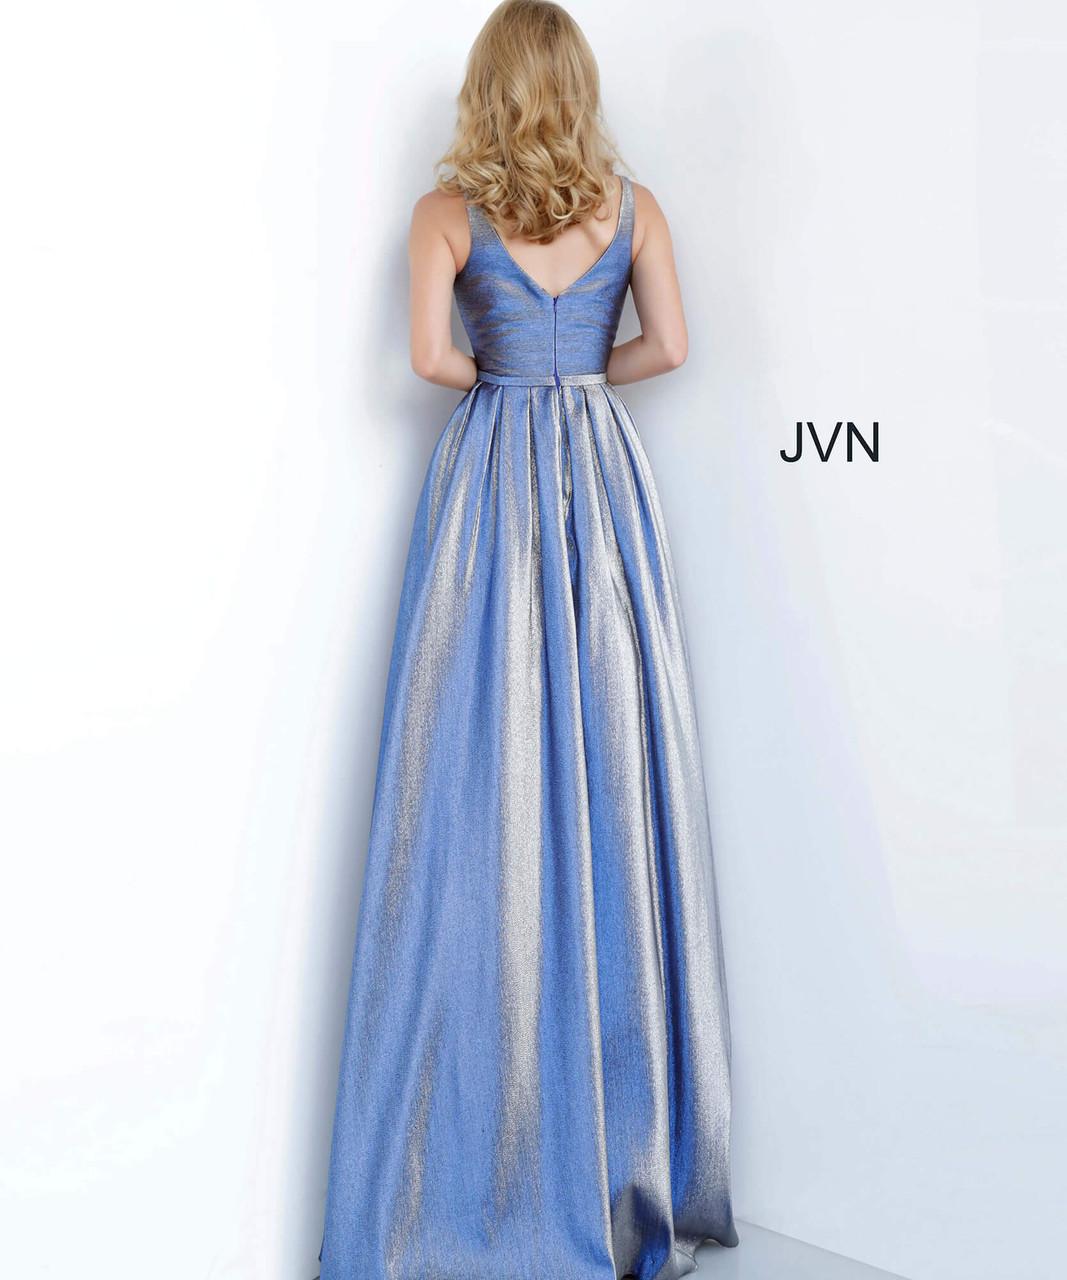 Jvn Prom JVN2229a